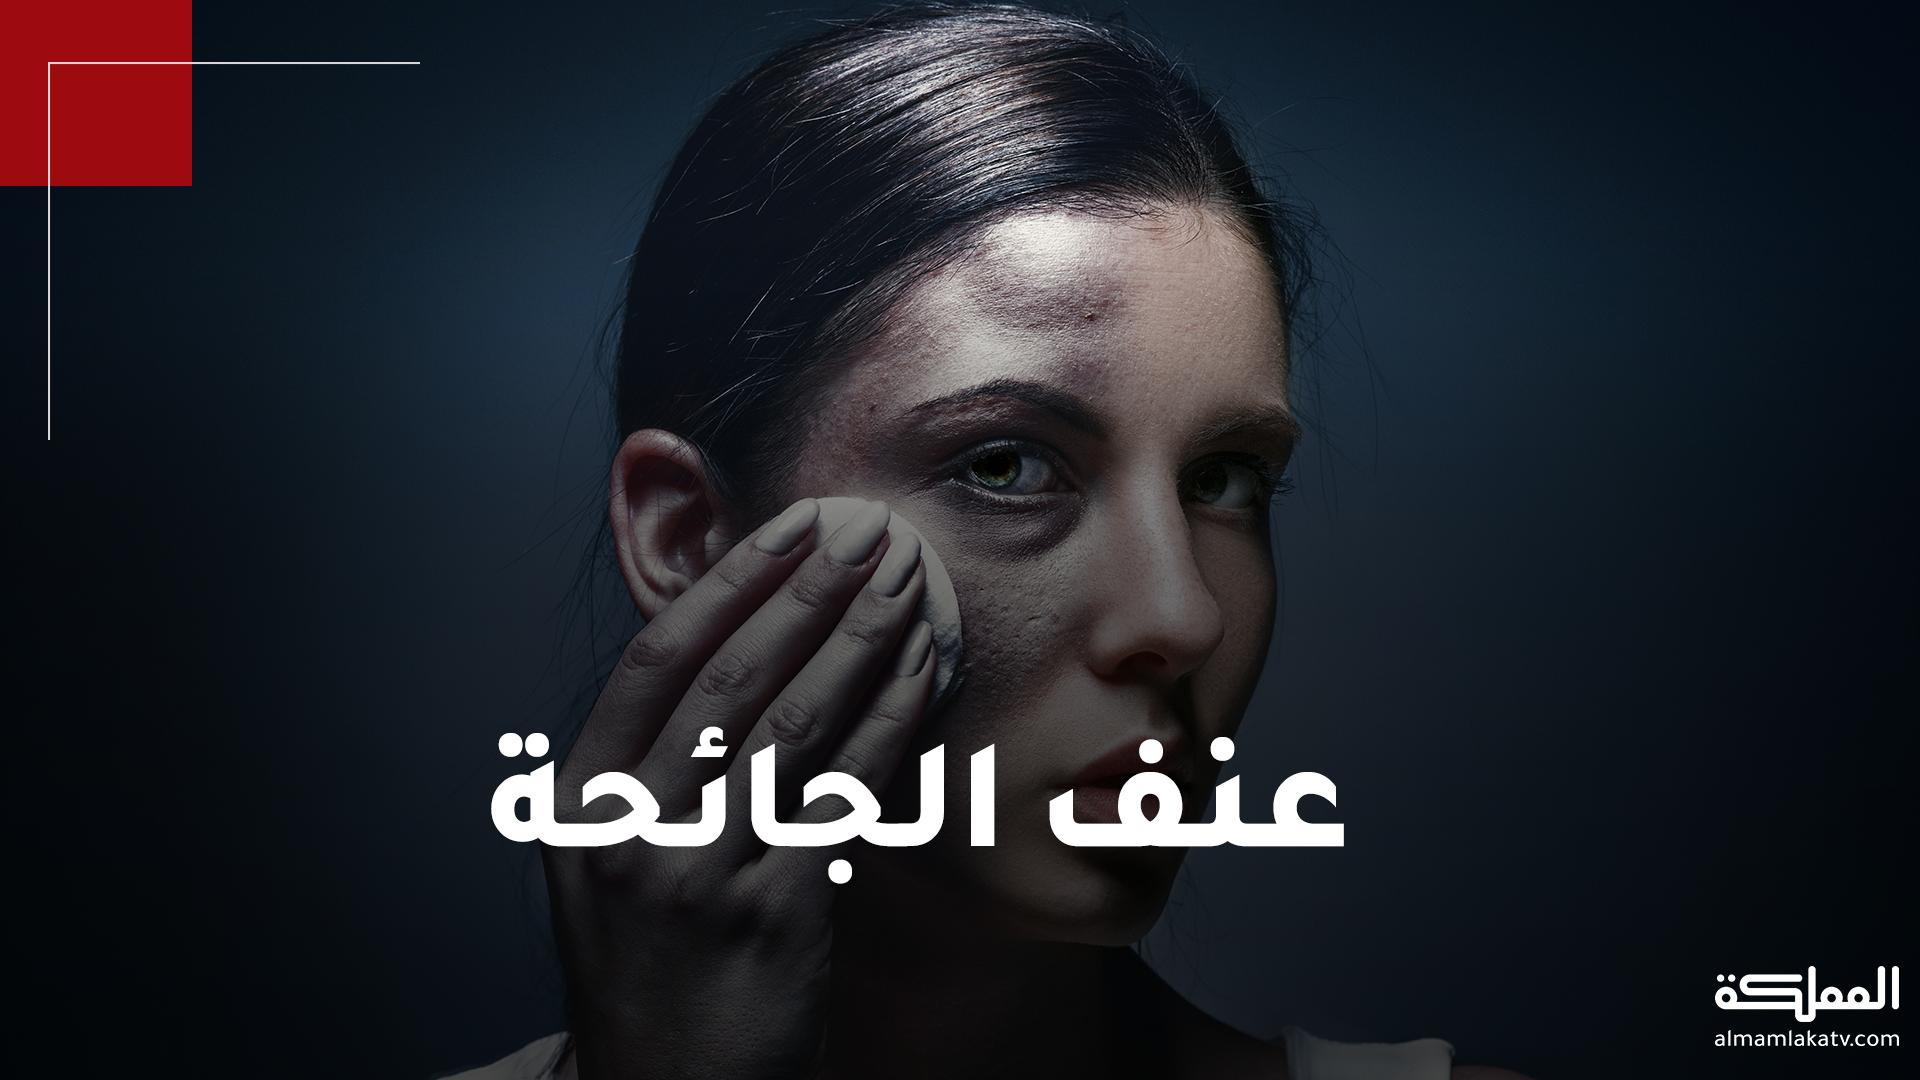 ارتفاع العنف ضد النساء في الأردن 33% خلال جائحة كورونا